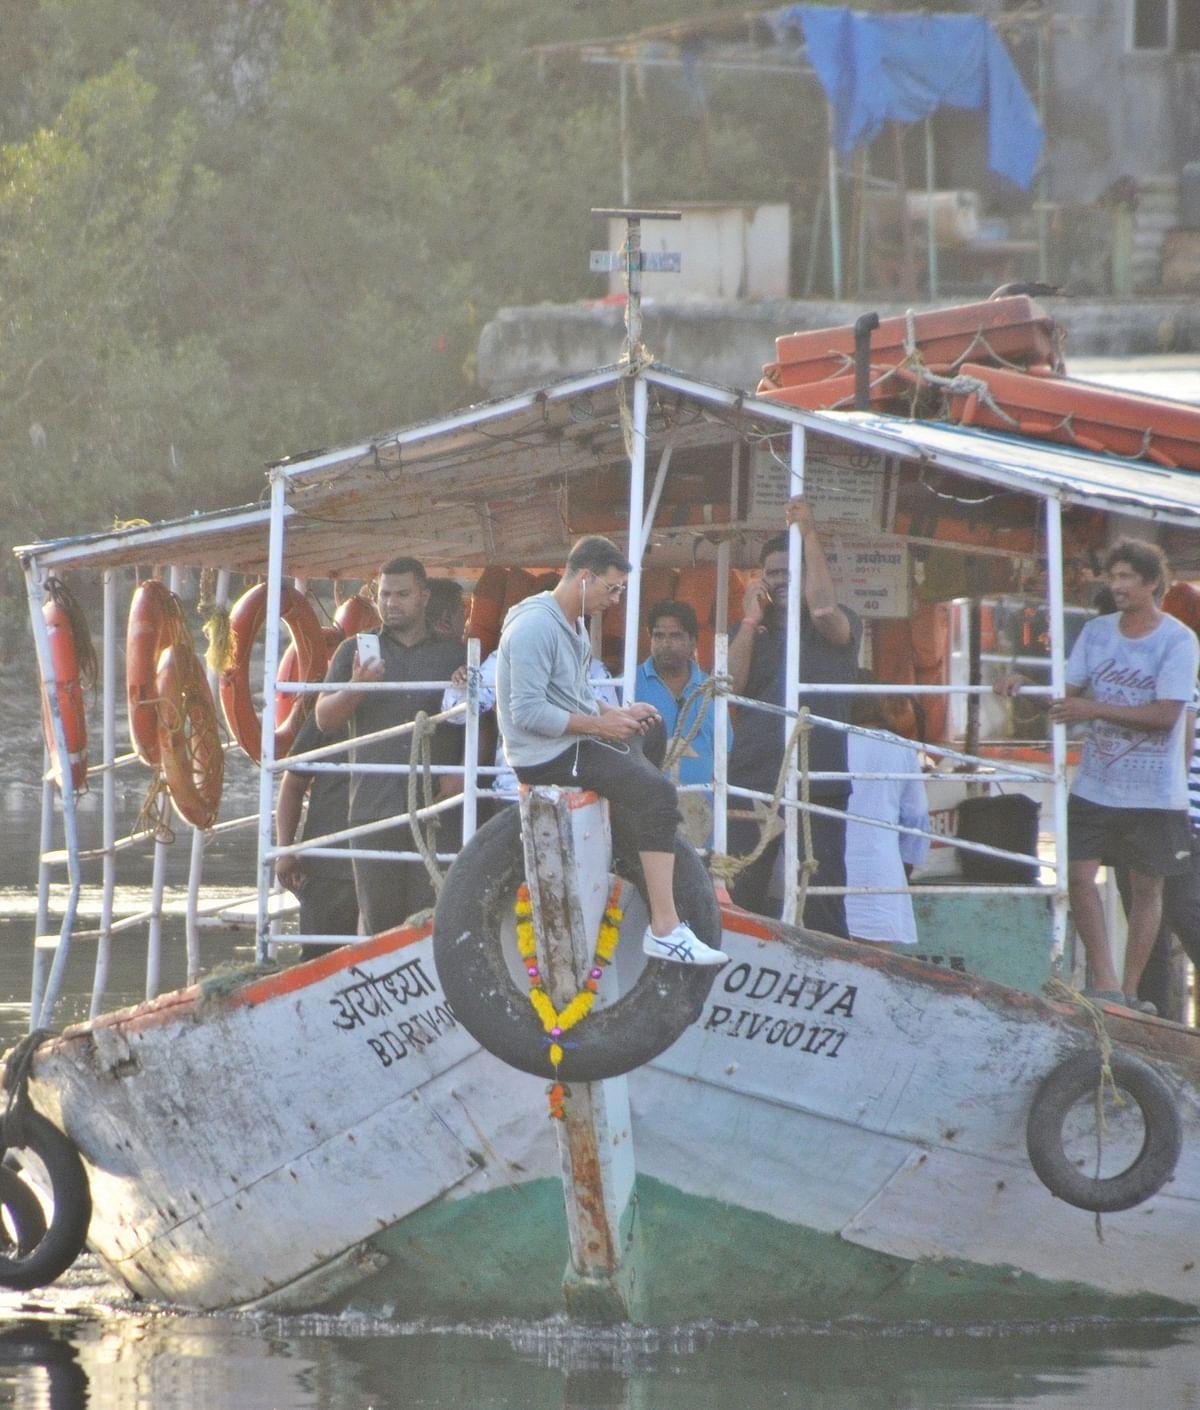 Akshay Kumar was snapped at Madh jetty in Mumbai.